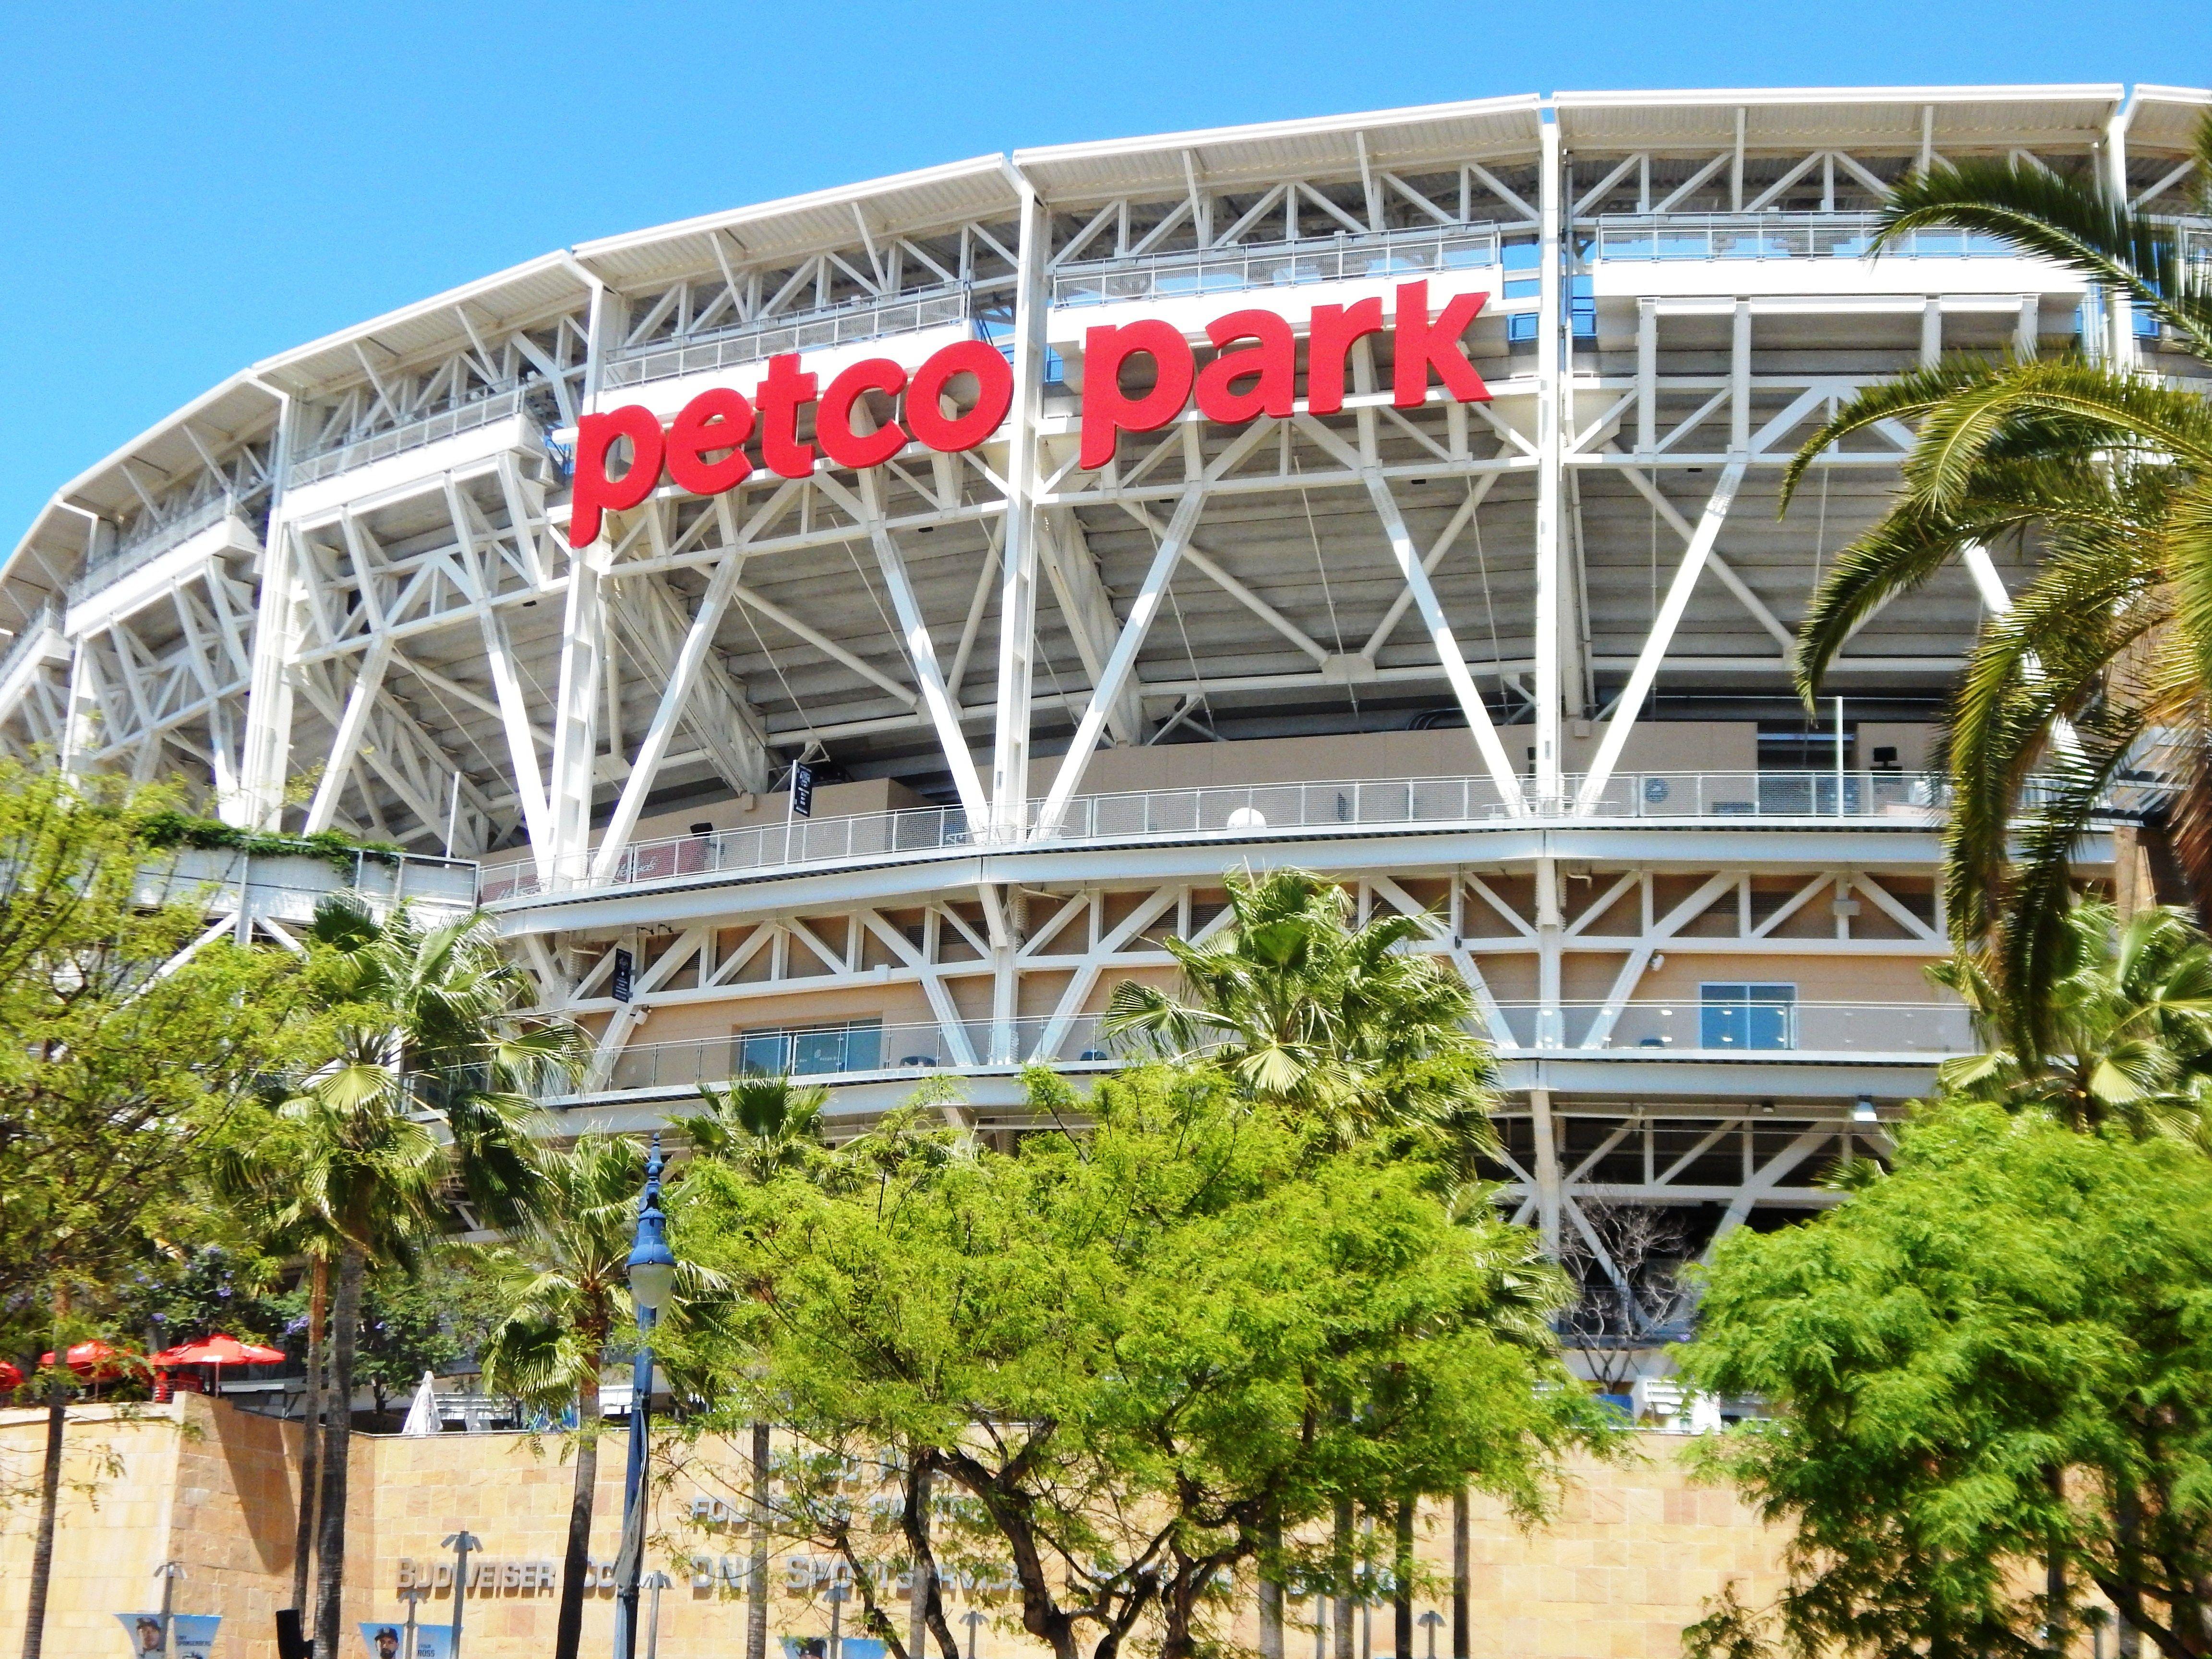 Petco Park April 23 2016 Parques San Diego